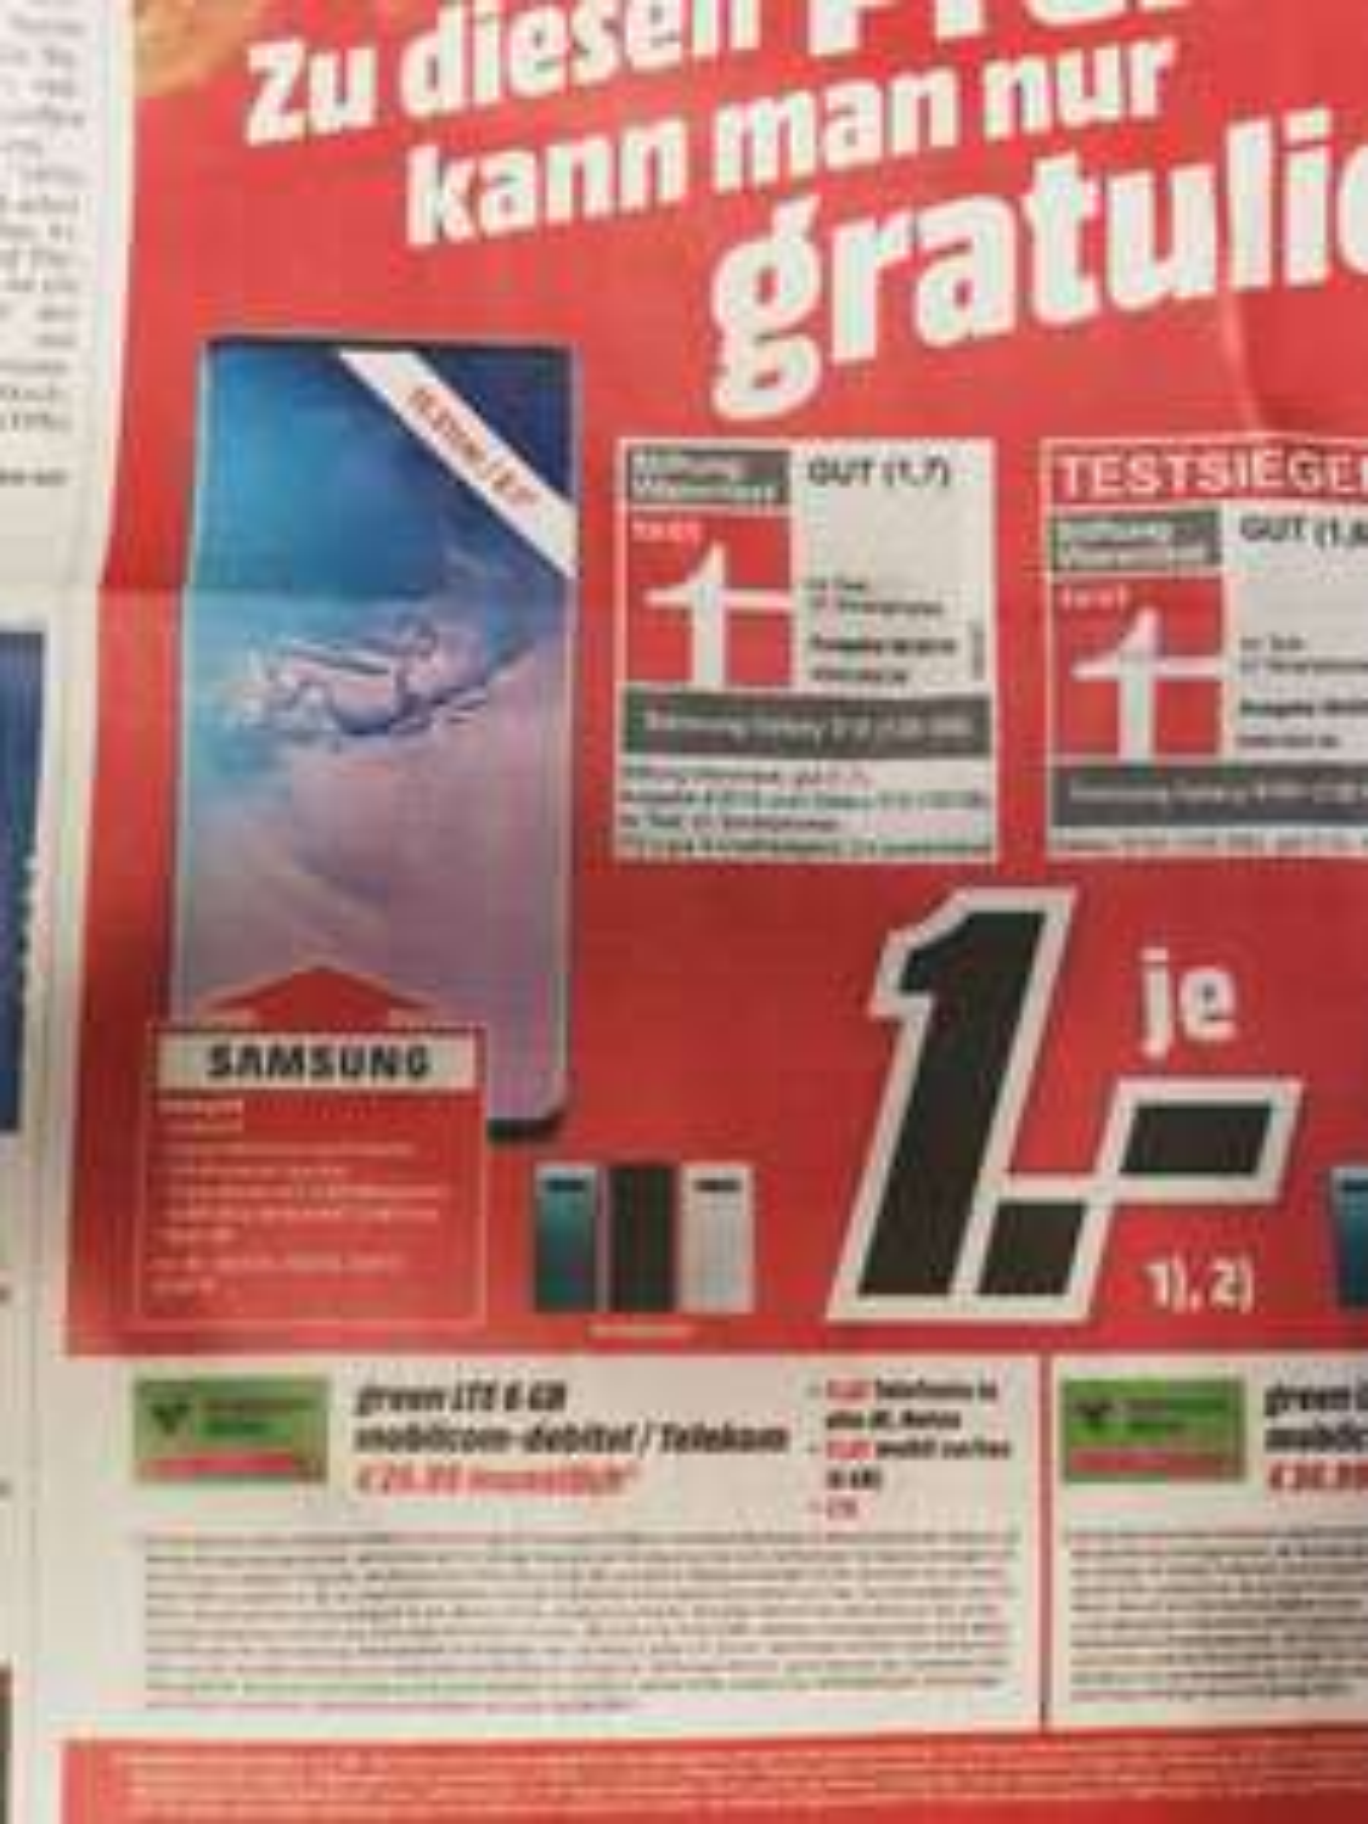 Mediamarkt Green LTE 6GB Telekom mit Samsung S10 128gb oder S10+